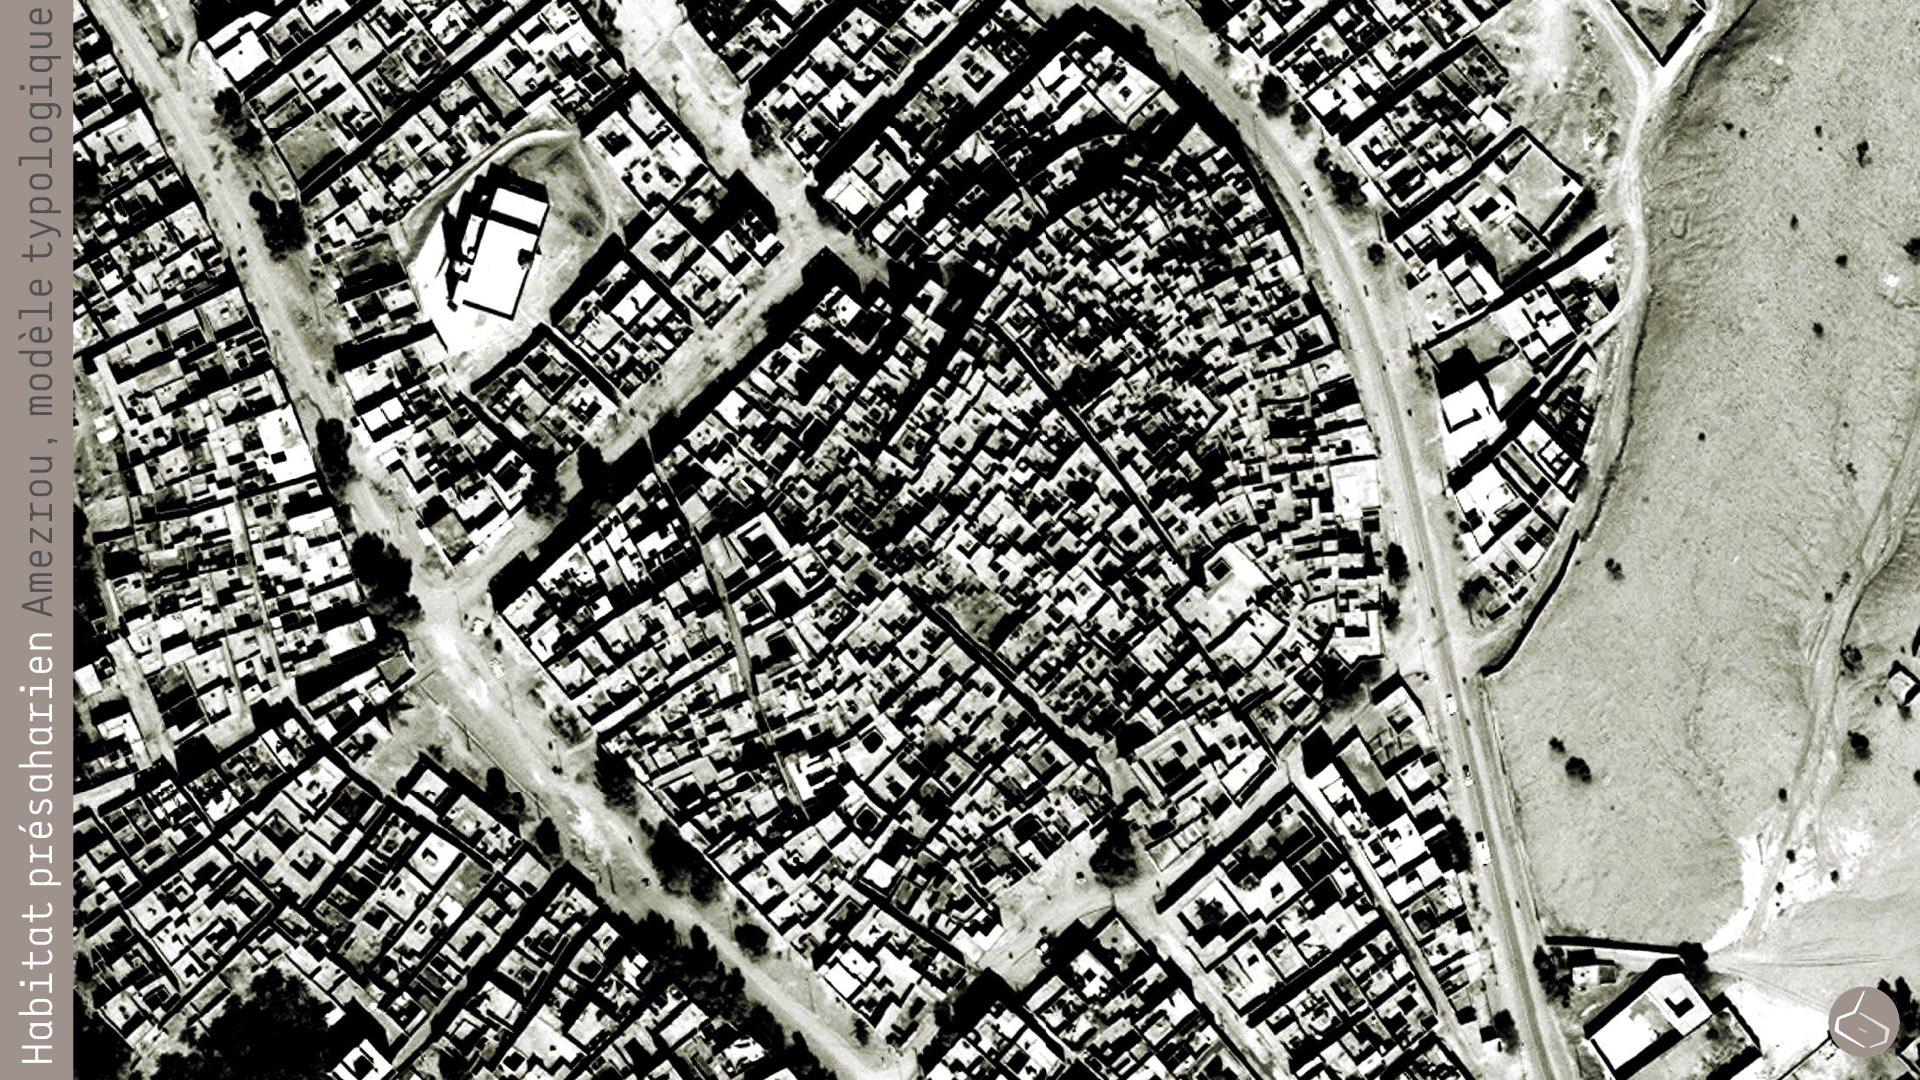 """0. Mais les aménagements urbains """"moderns"""" ne doivent pas se consacrer ni à la vigilance du passage des caravanes, ni à la protection de la population. Or, il y a des cas où le modèle """"ksarien"""" peut être toujours valide, avec des petits changements. C'est le cas d'Amezrou, dans la palmeraie de Fezouata, à Zagora. Un ksar au bord de la palmeraie qui est toujours occupé et qui a suivi des extensions jusqu'à donner origine à tout un quartier.       10. But """"modern"""" urban development should not focus nor the vigilance of the passage of caravans, or the protection of the population any more. However, there are cases where the """"ksarian"""" model may still be valid, with small changes. This is the case of Amezrou, in the oasis of Fezouata, Zagora. A ksar at the edge of the palm grove which is still occupied and carrying out extensions to give rise to an entire neighbourhood.     Ksar Amezrou: https://goo.gl/photos/ZDek112wAjJiNnFh7"""